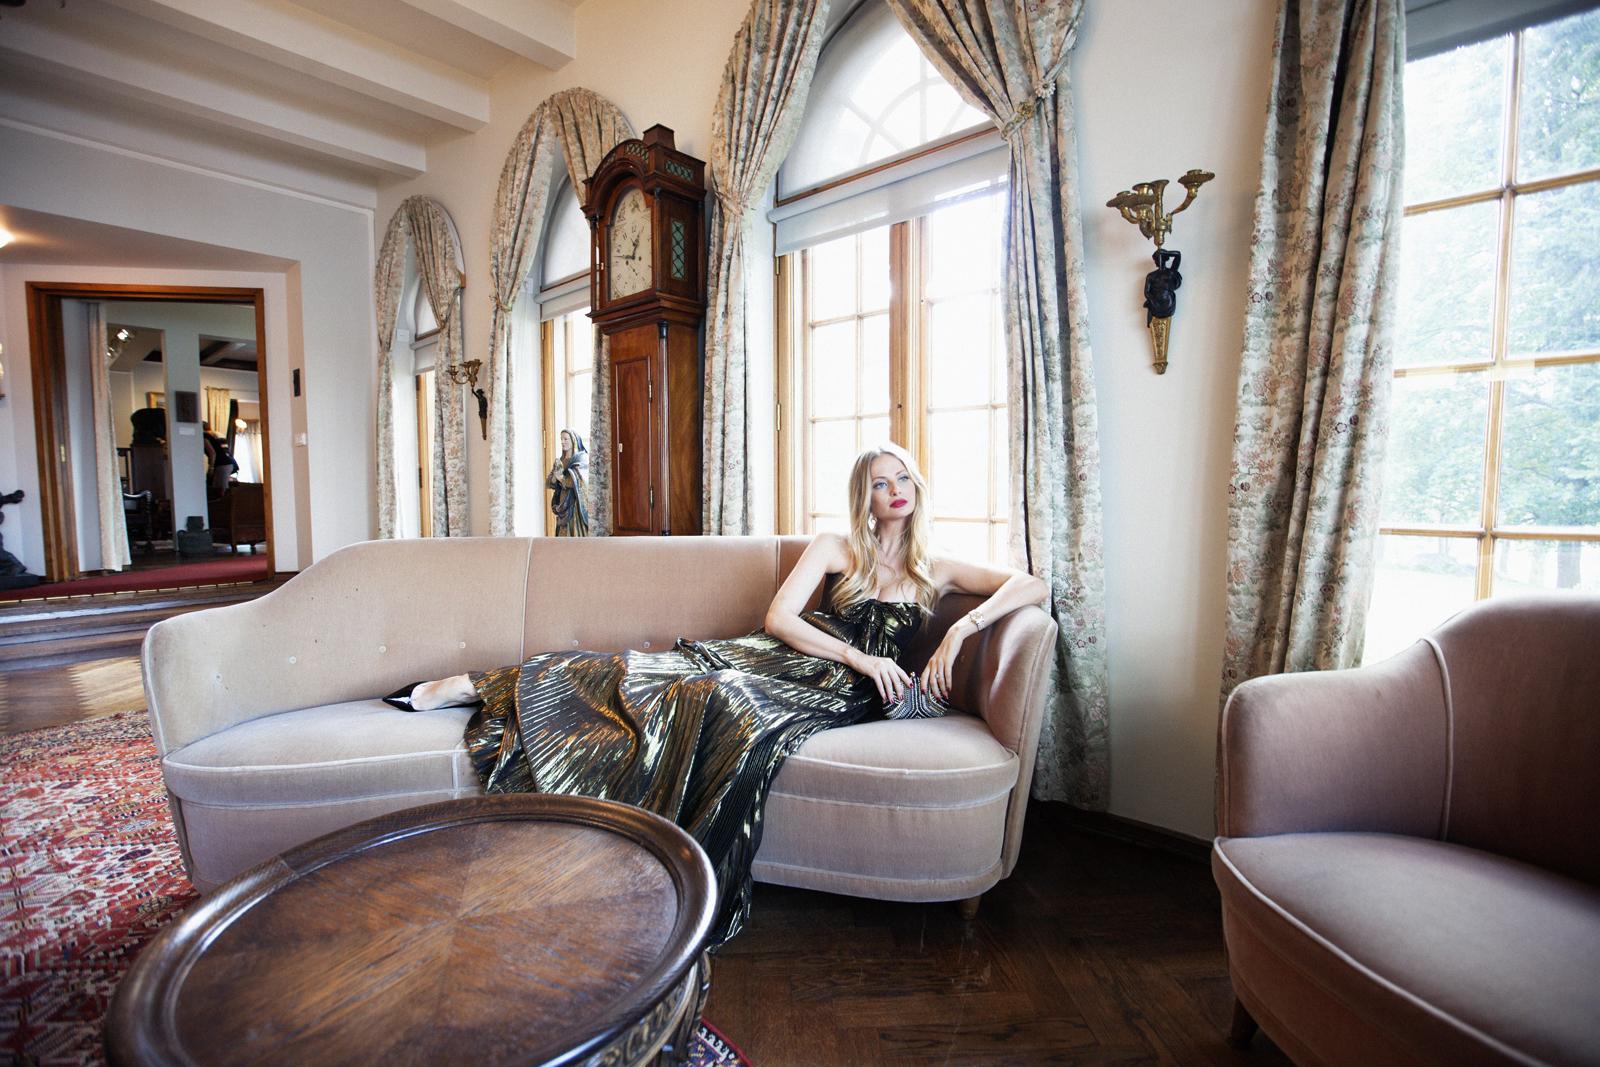 Sofia Ruutu OOTD Villa Gyllenberg